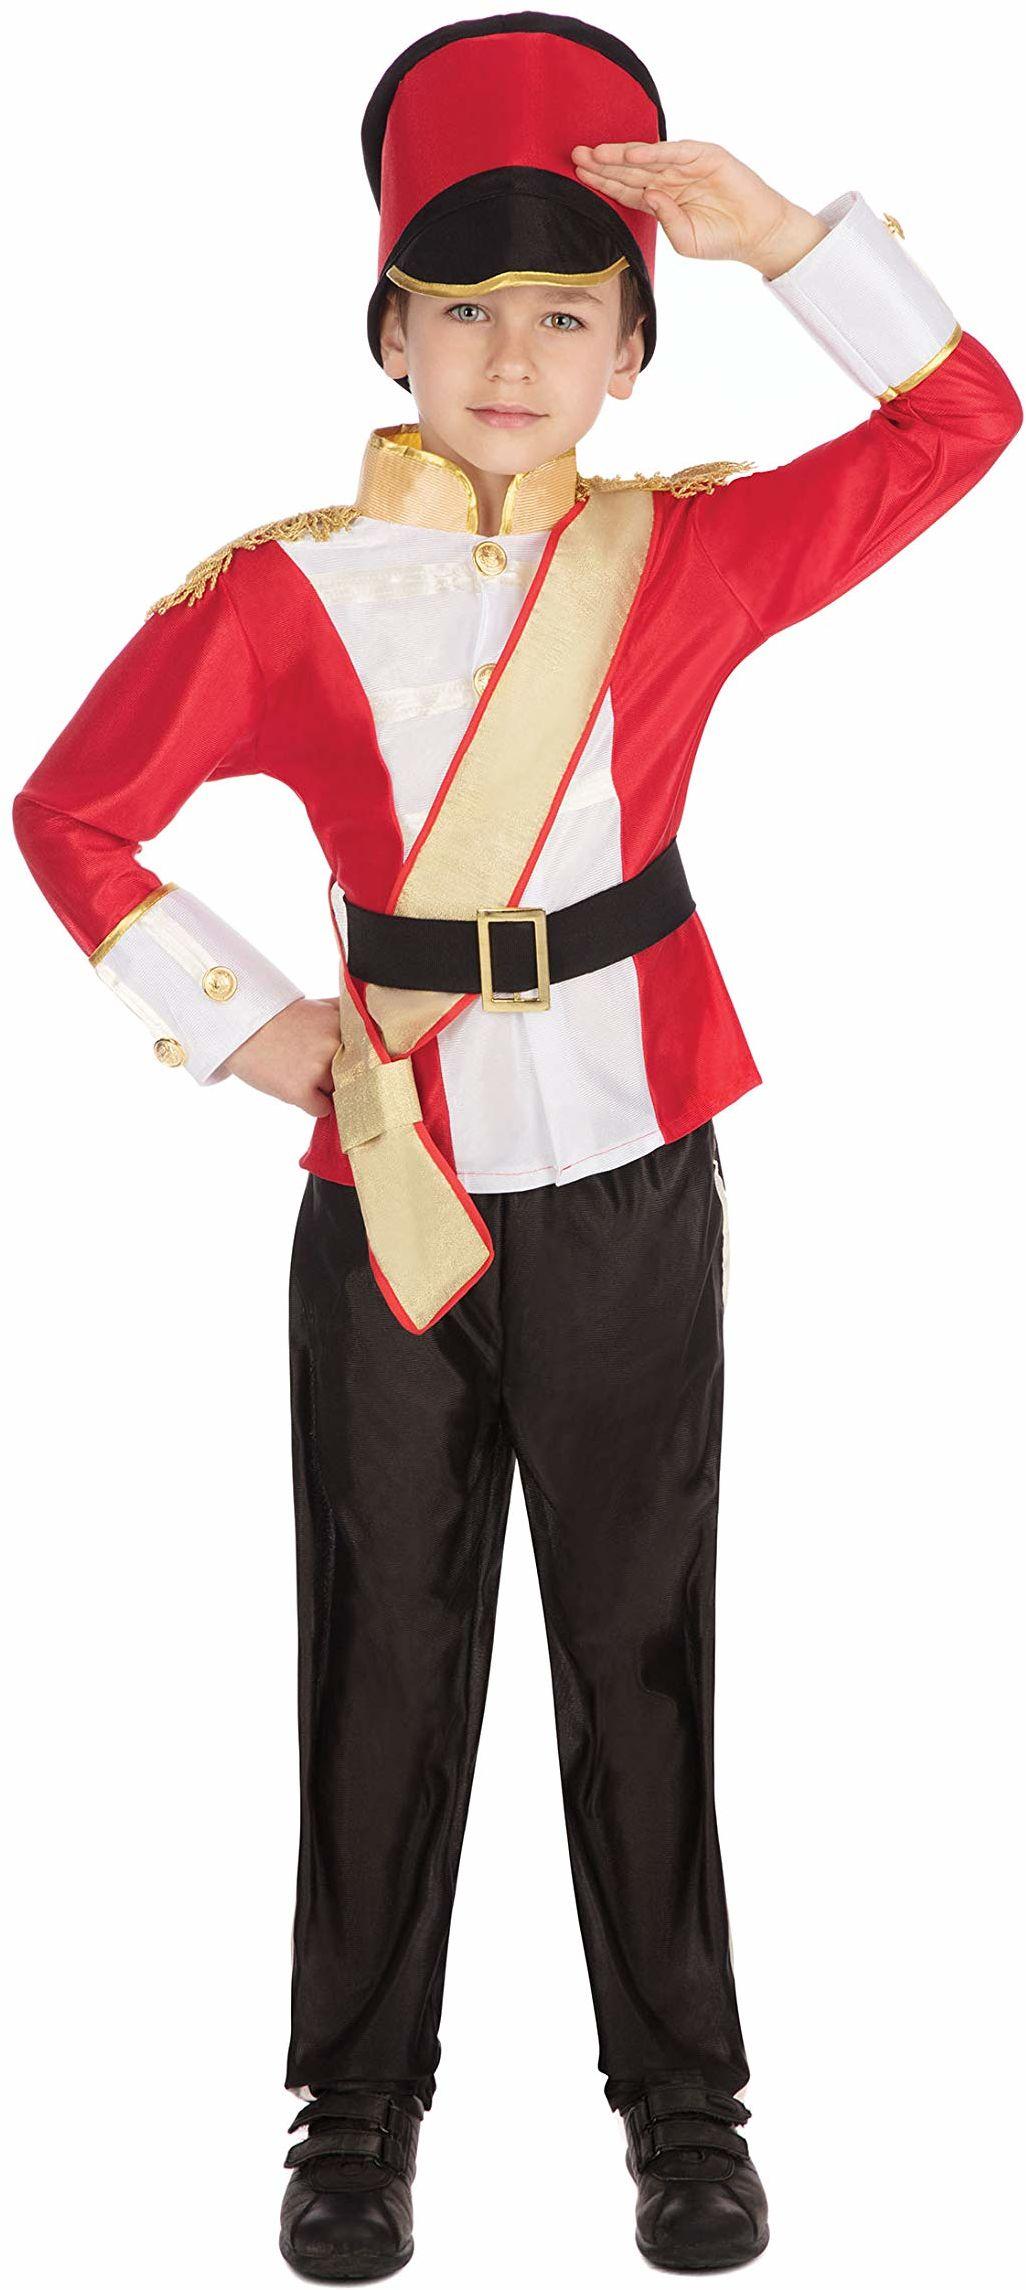 Bristol Novelty CC683 kostium dziecięcy żołnierza (mały), około wiek 3-5 lat, zabawka kostium żołnierza dla dzieci (S)